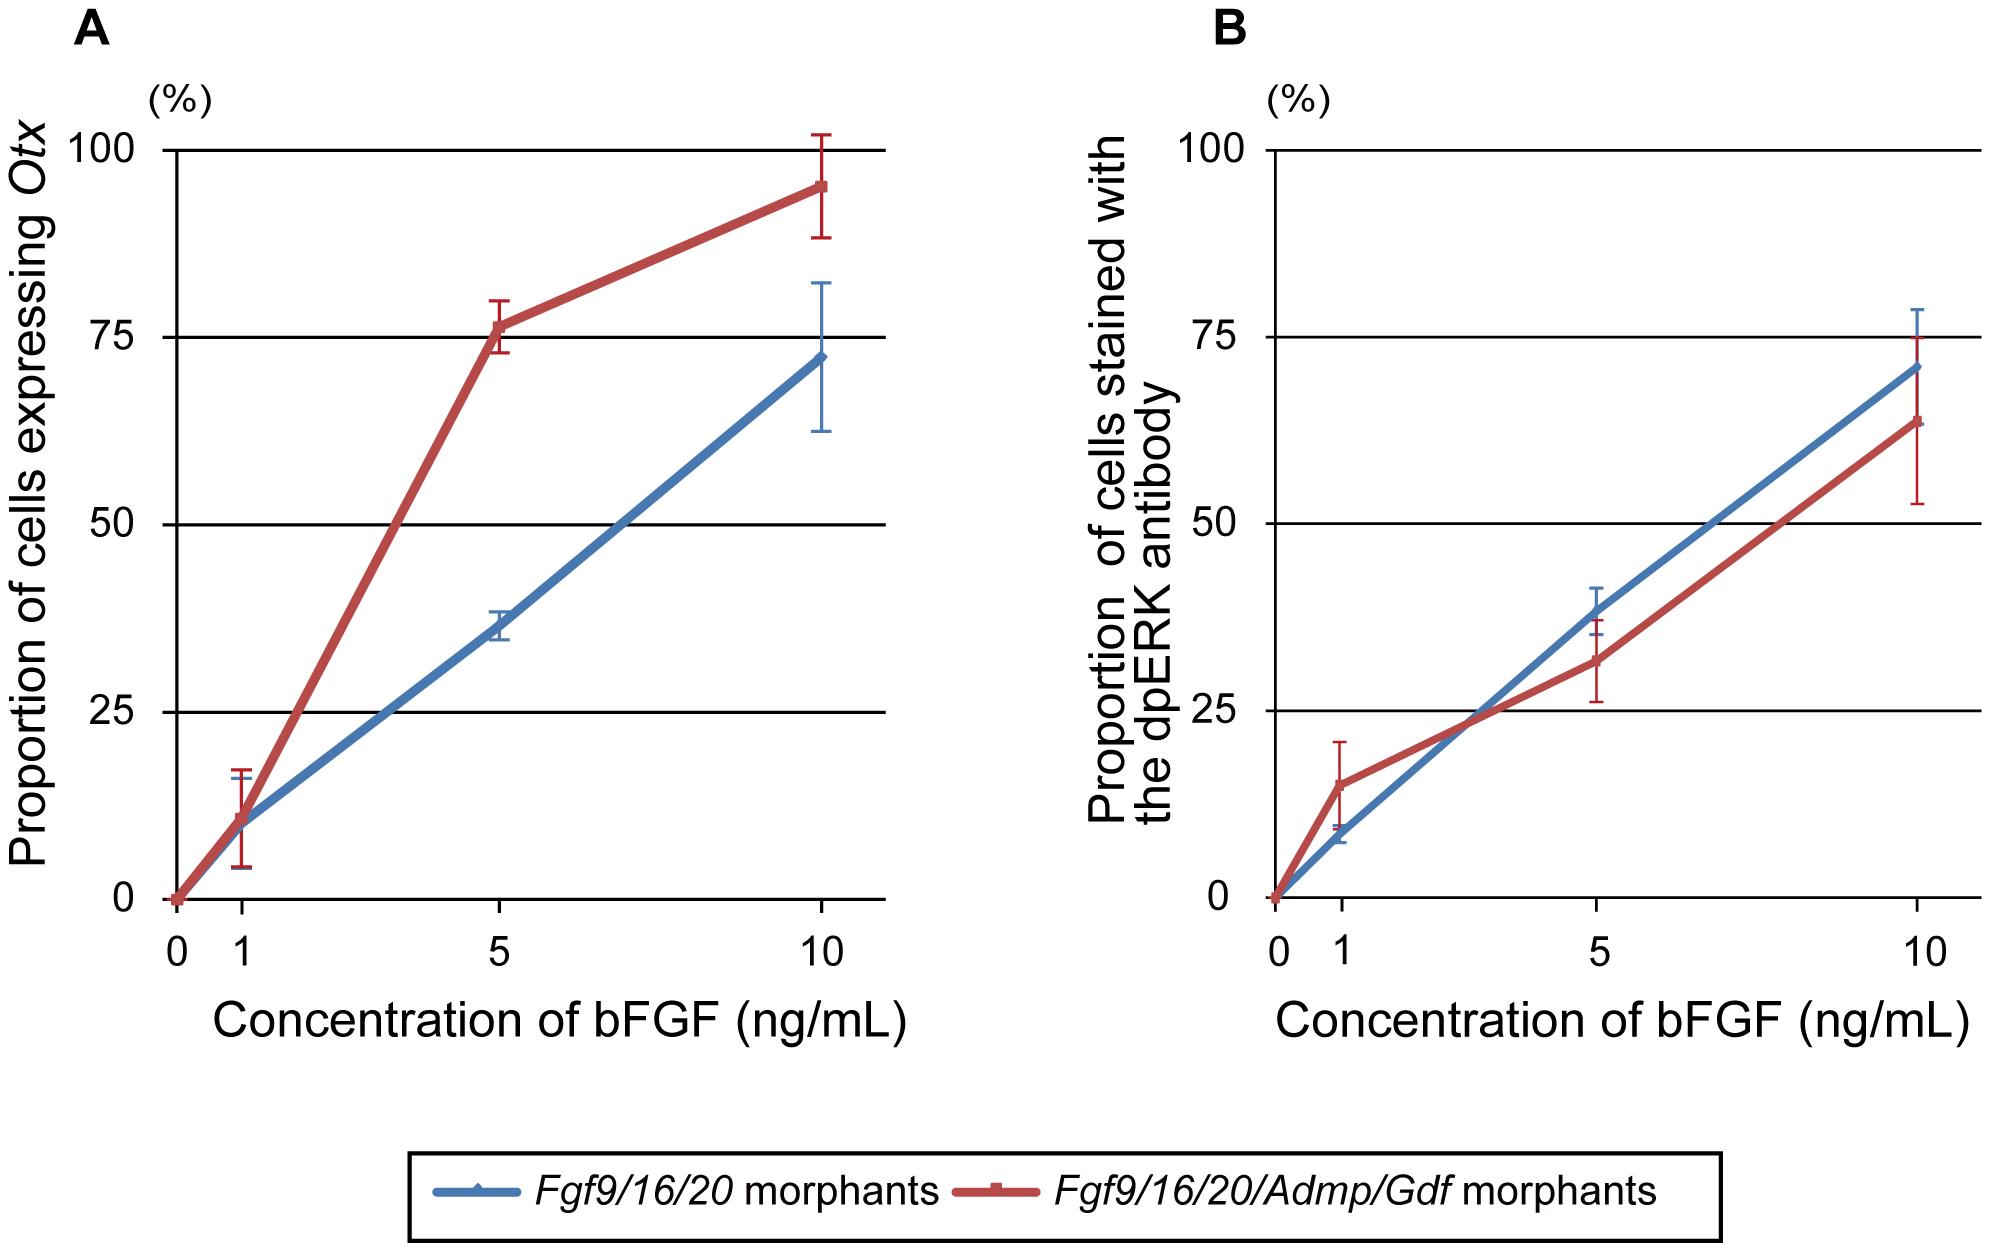 <i>Fgf9/16/20/Admp/Gdf1/3-like</i> morphants respond more sensitively to human bFGF than <i>Fgf9/16/20</i> morphants.